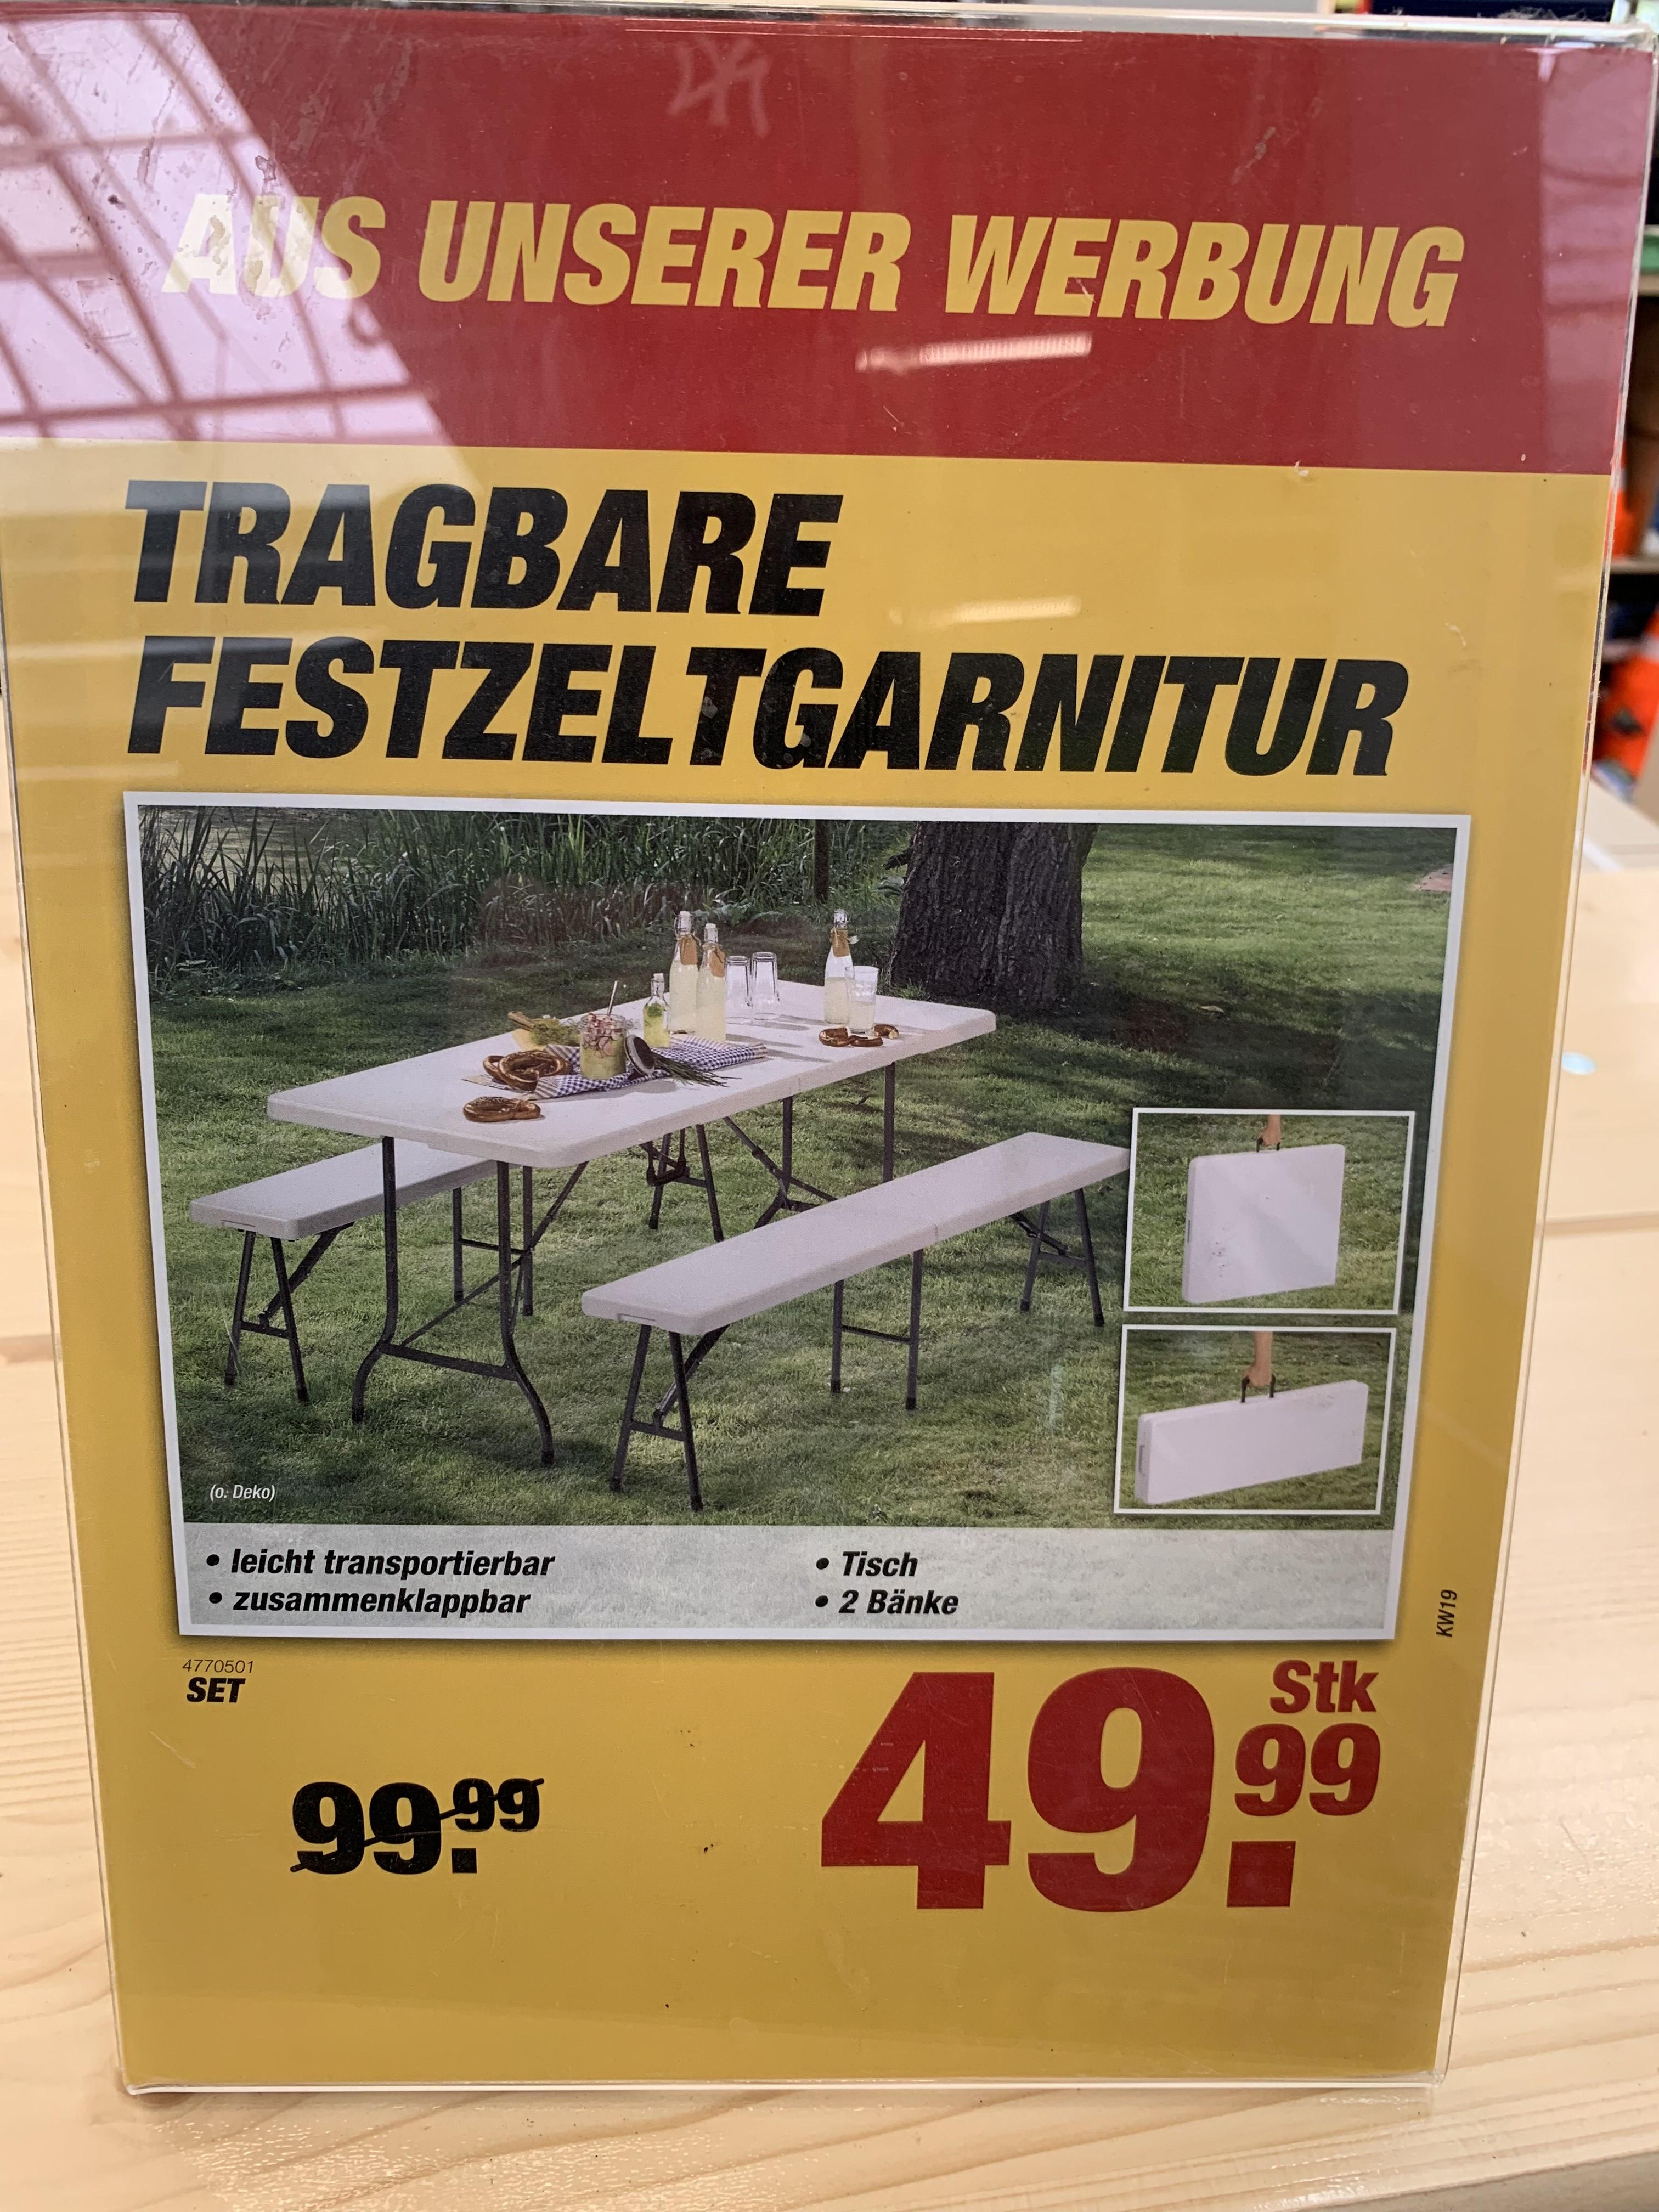 Tragbare Festzeltgarnitur Tisch + Bänke [toom] -10% Shoop = 44,99€